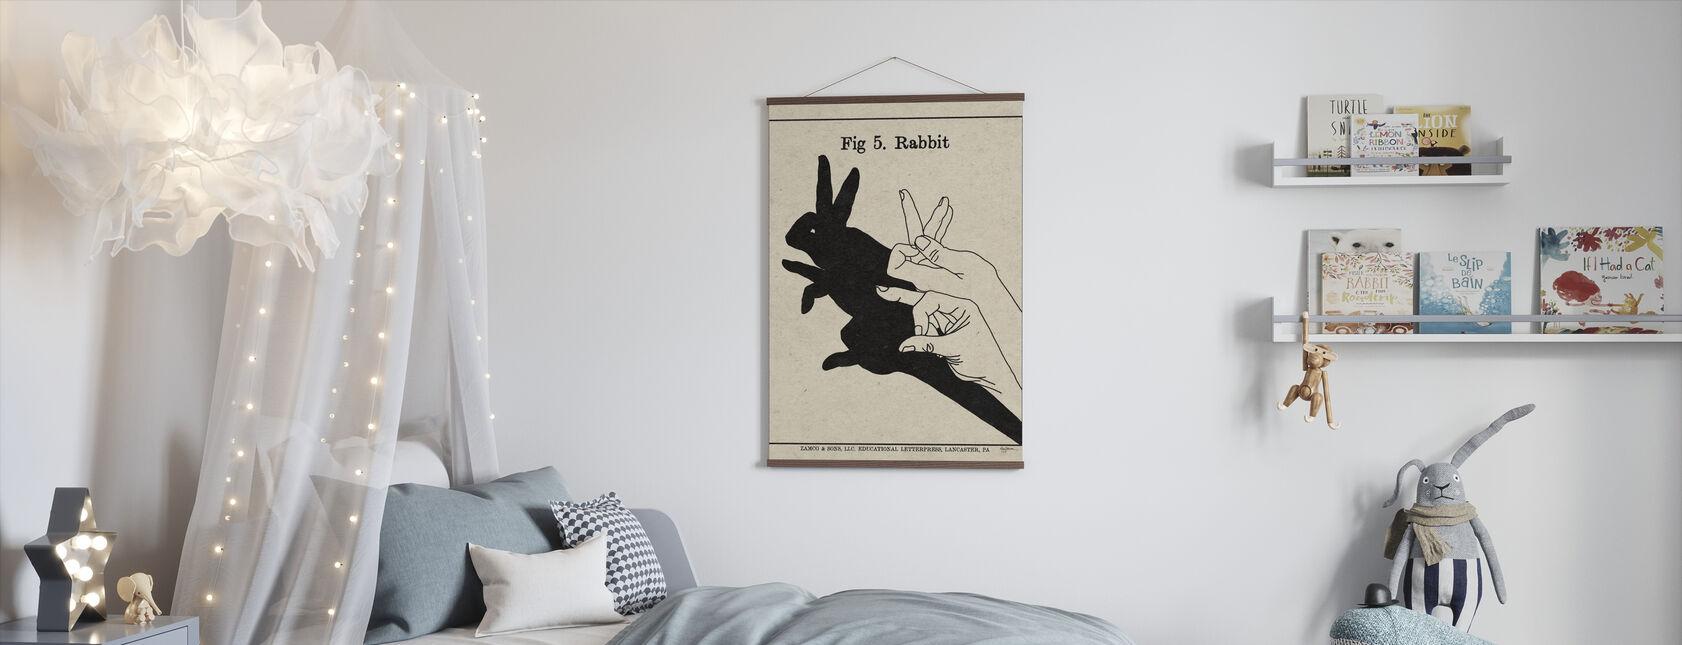 Die Kunst der Schatten - Kaninchen - Poster - Kinderzimmer